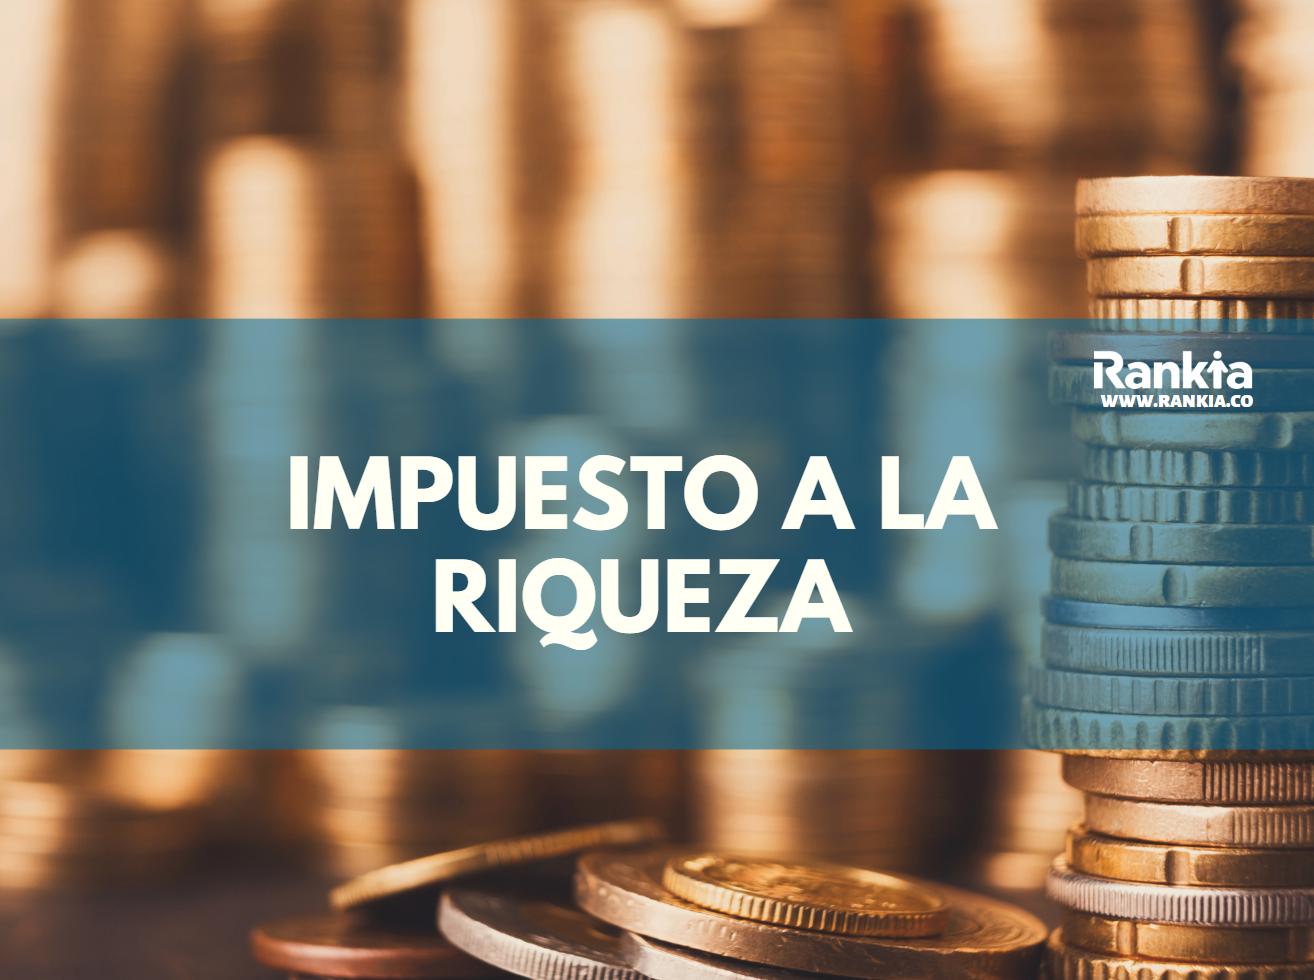 Impuesto a la riqueza 2020: personas naturales, personas jurídicas, tarifa y cálculo